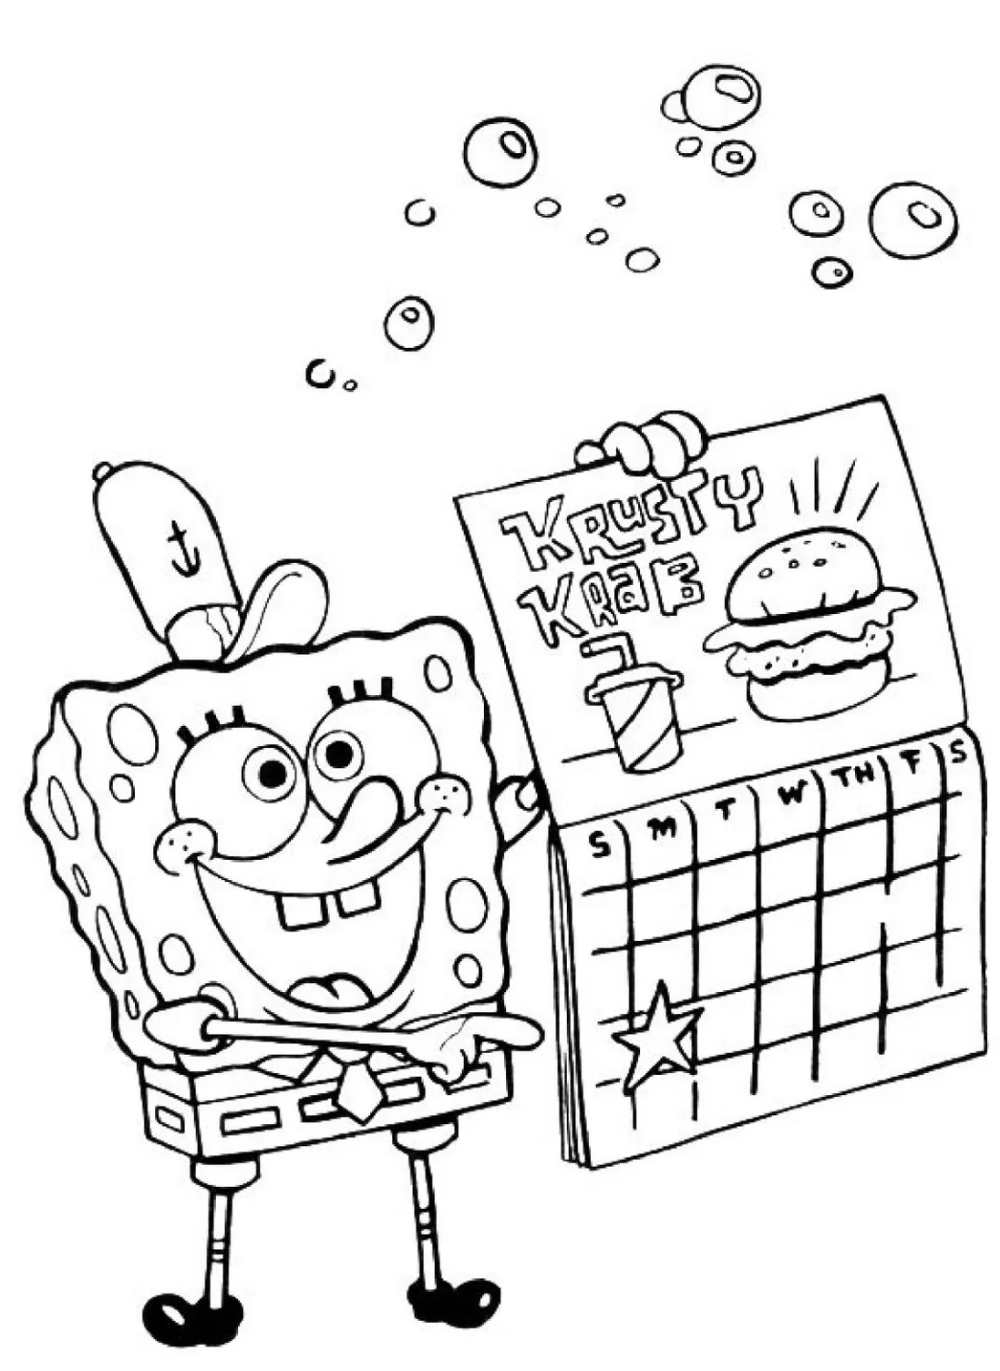 25 SpongeBob-Zeichnungen zum Ausmalen und Drucken - Kostenlose